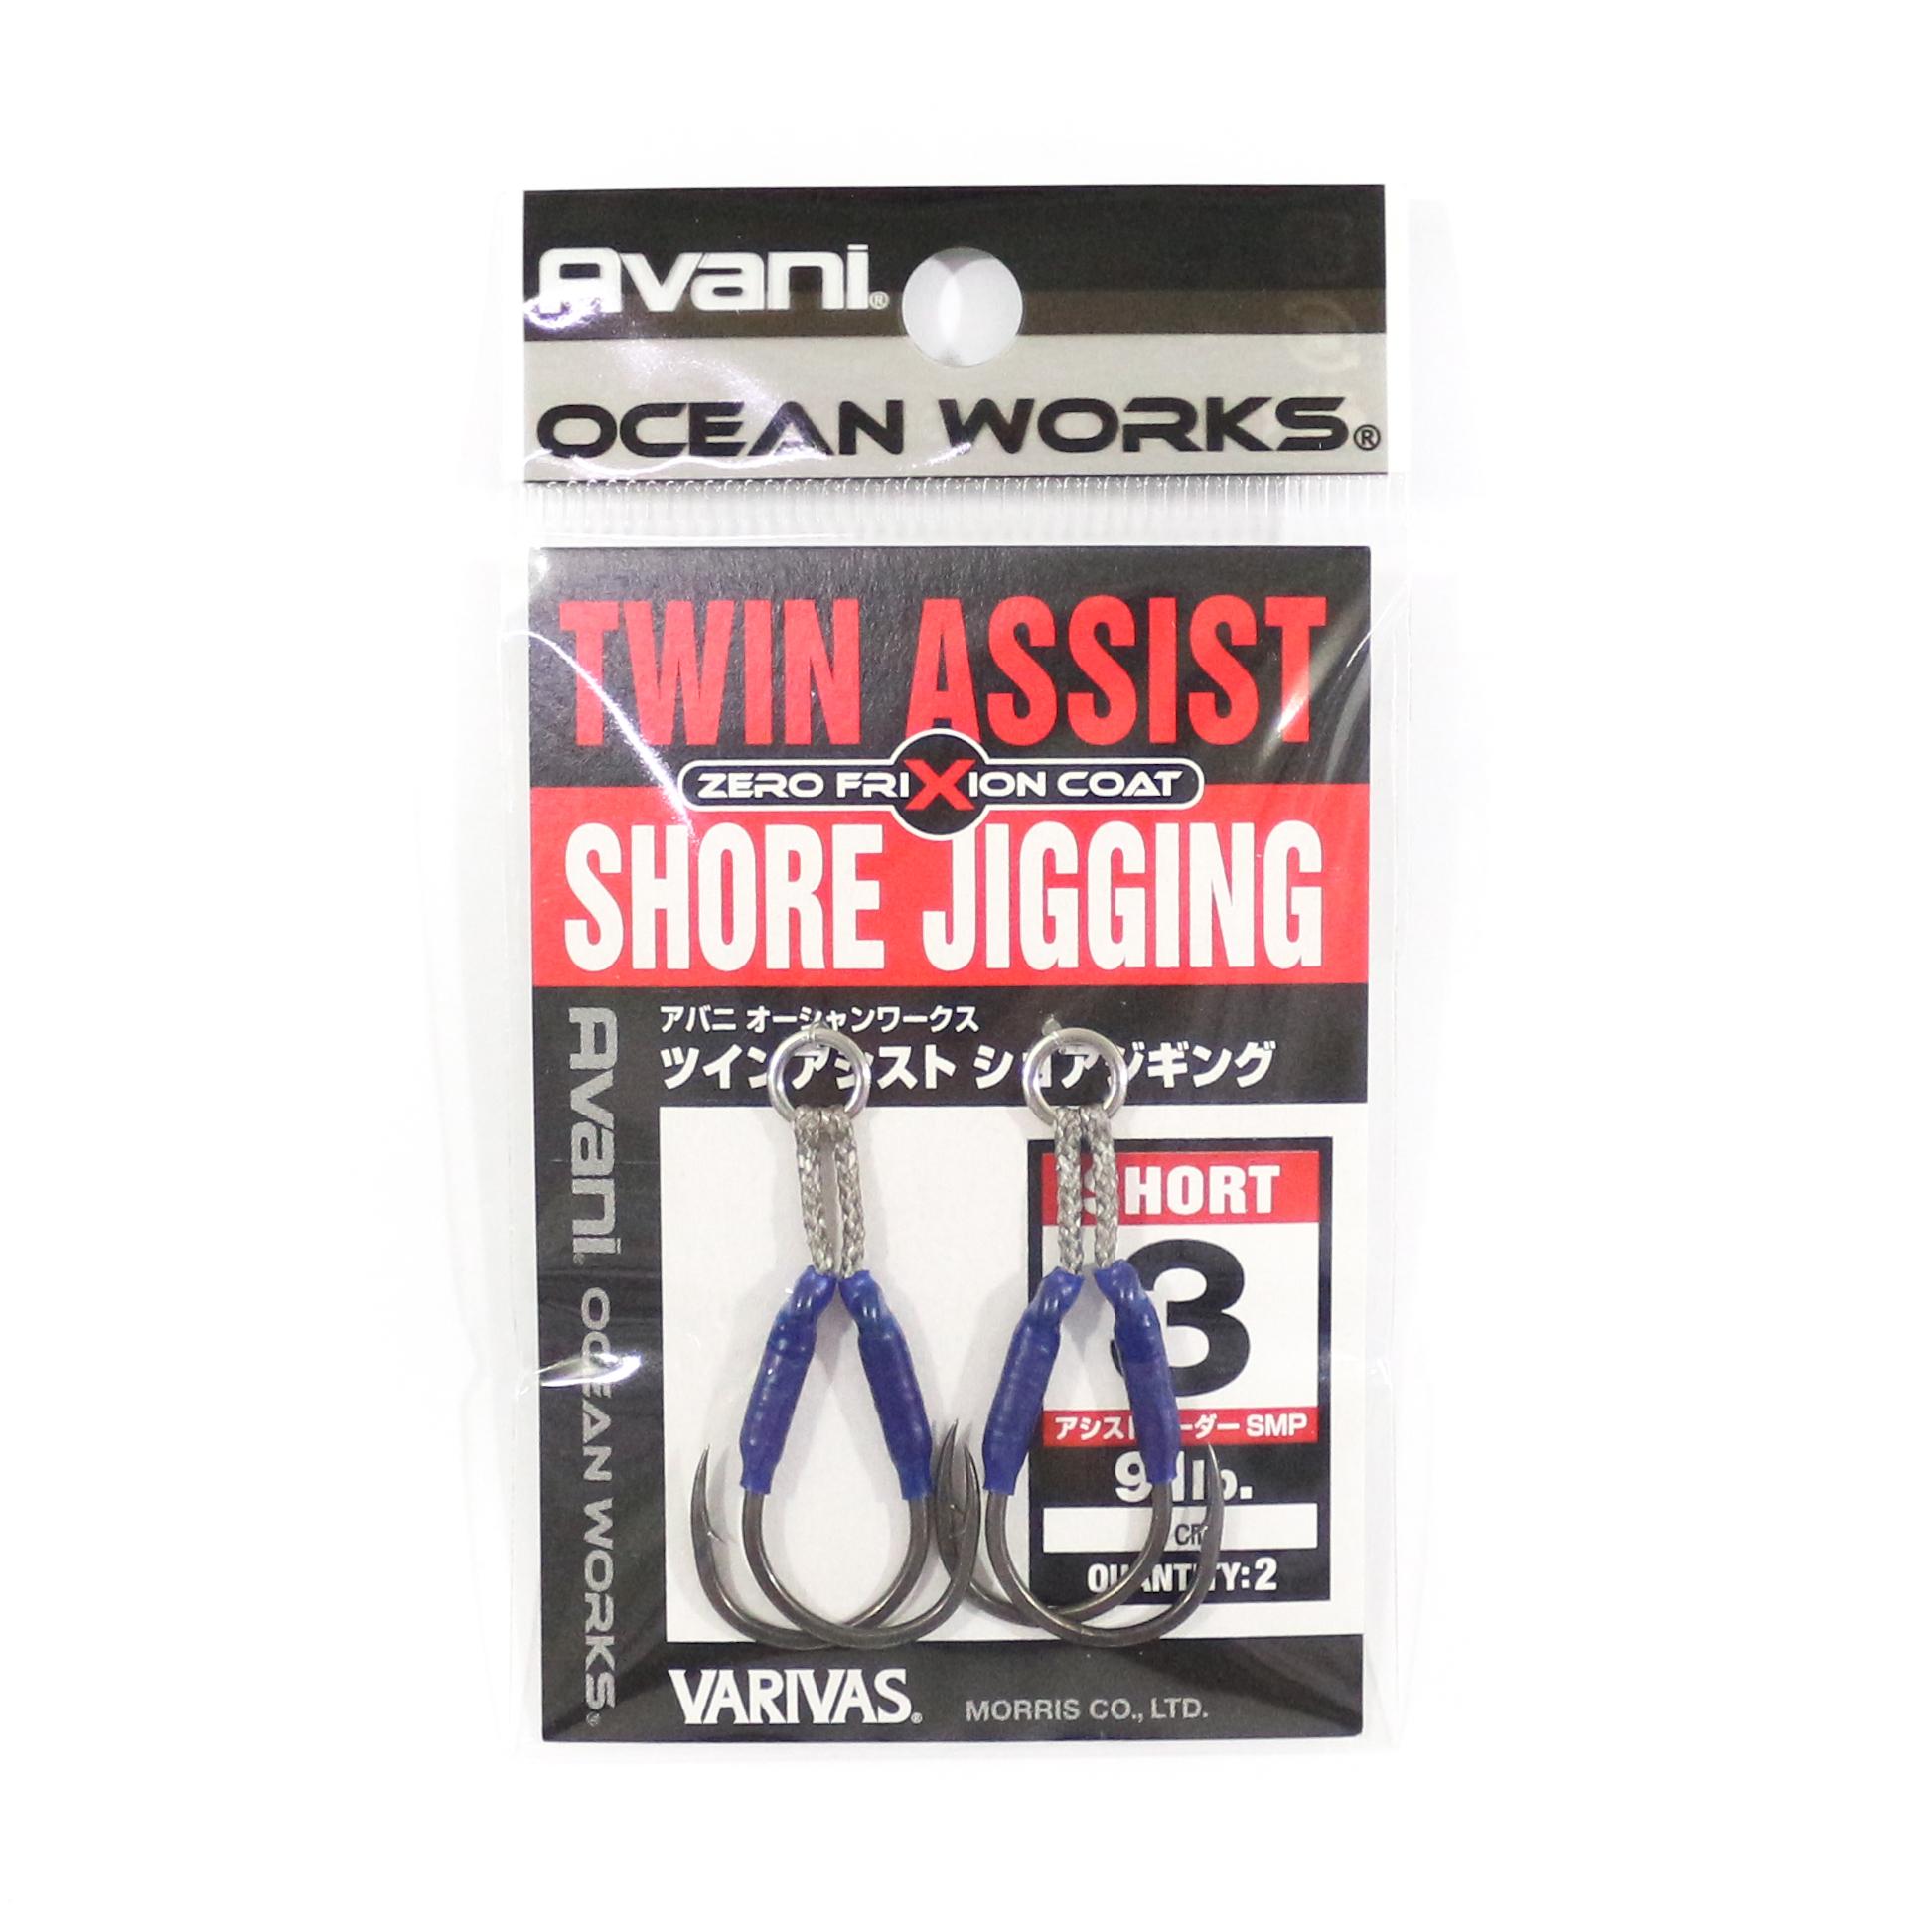 Varivas AH-73 Ocean Works Shore Jigging Hook Short Size 3 (4667)